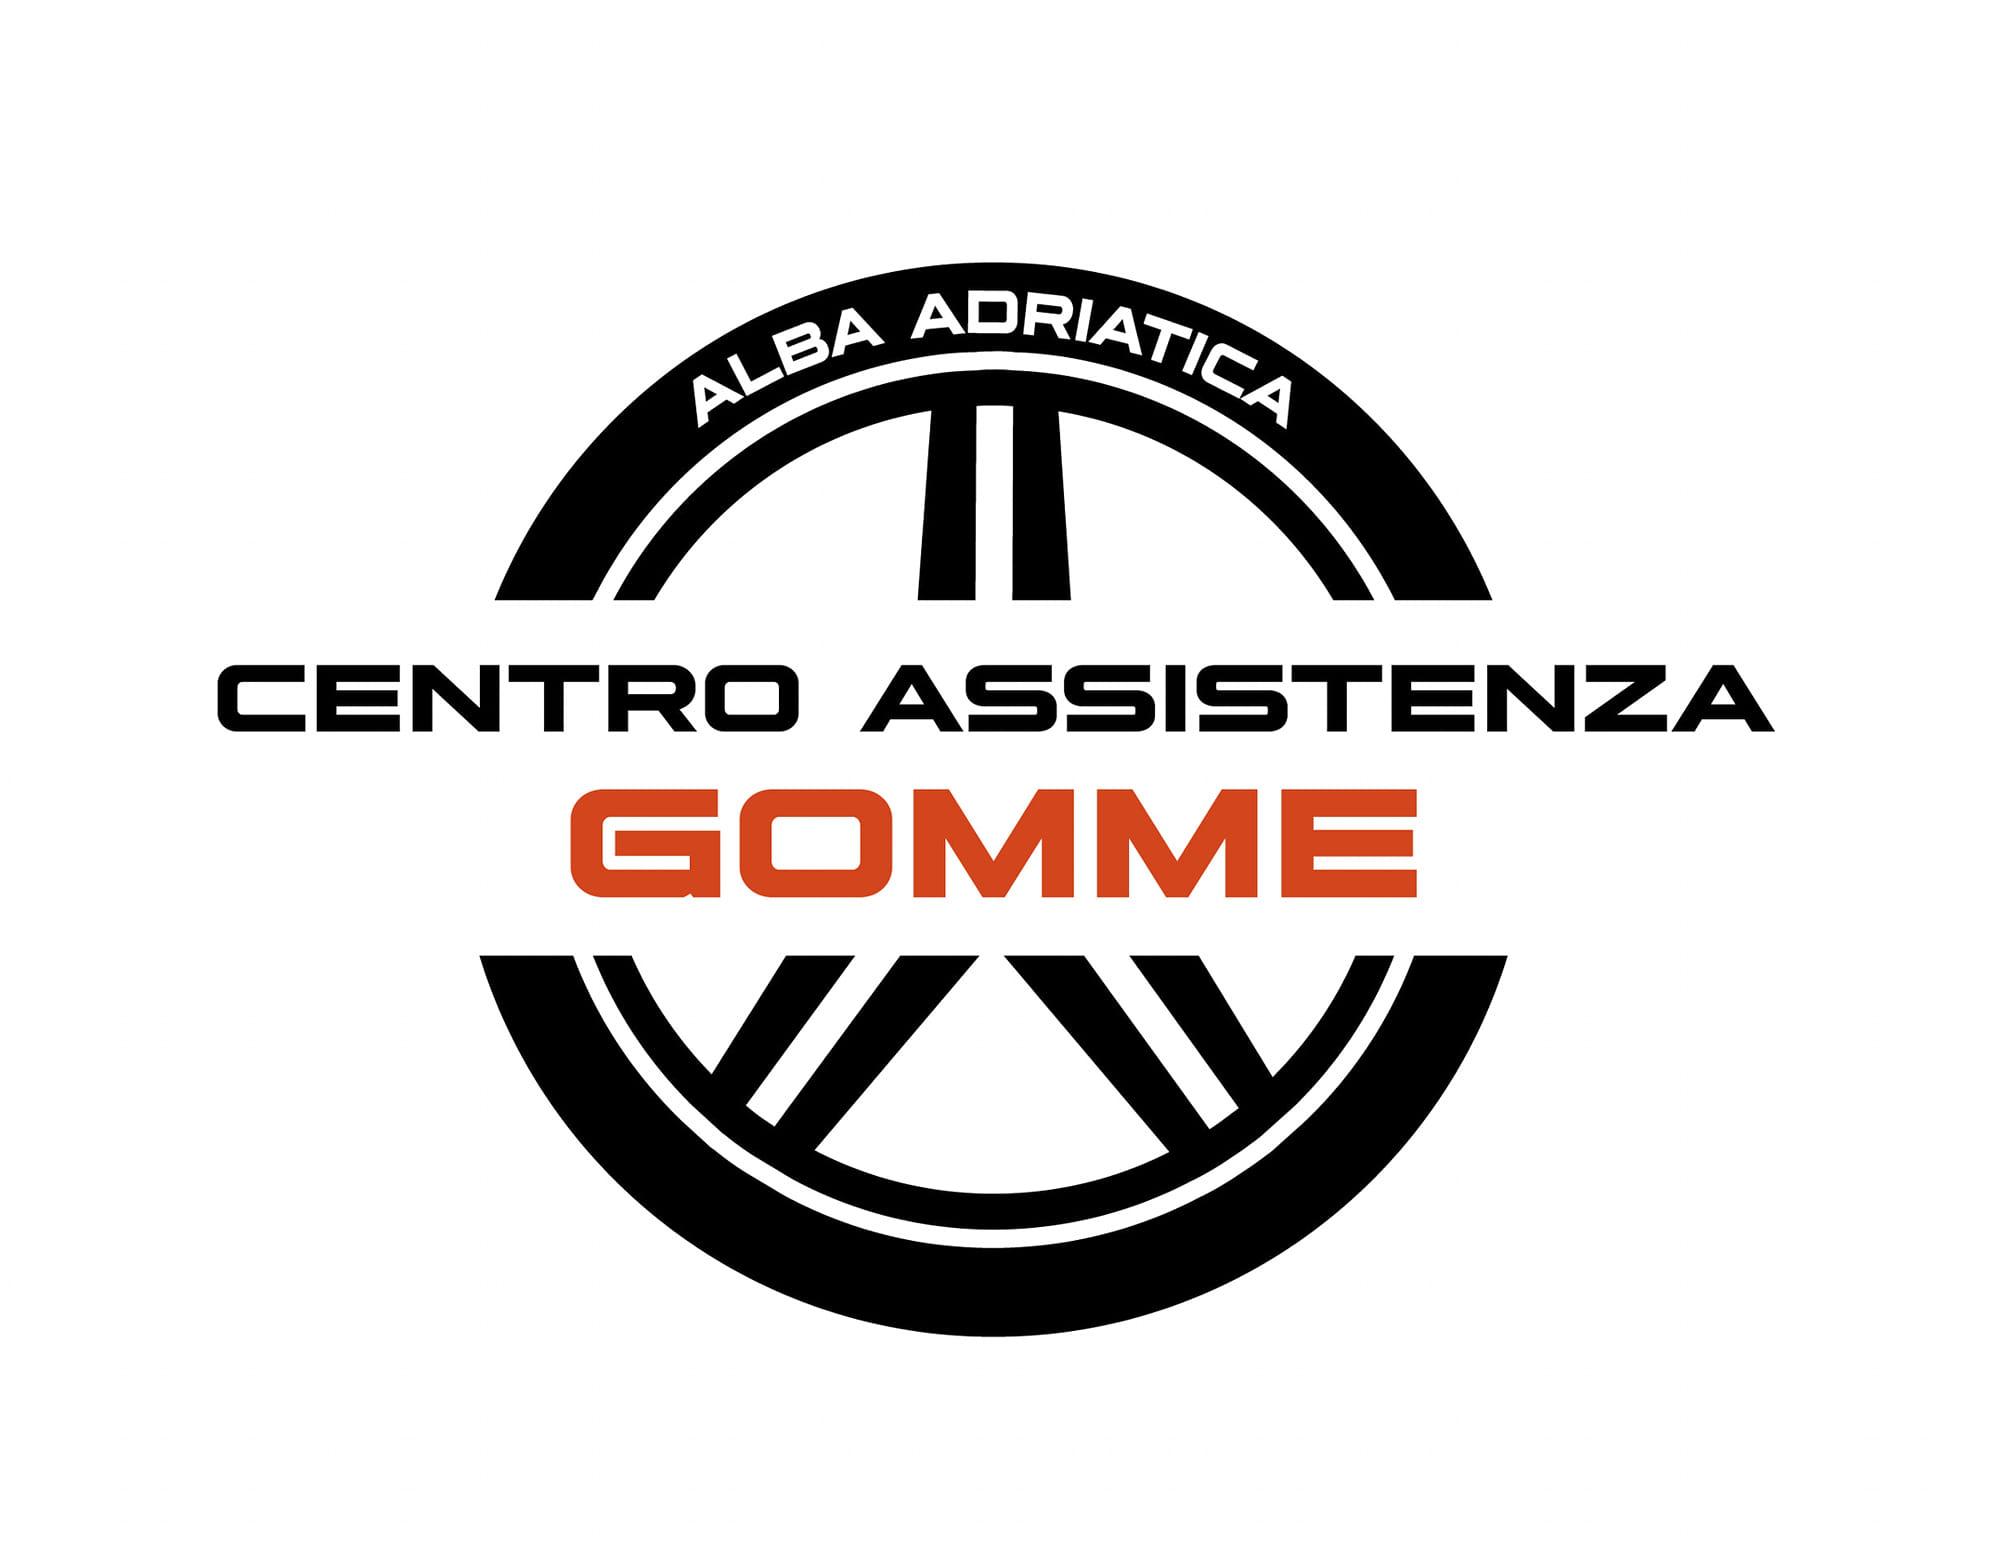 centro assistenza gomme alba adriatica